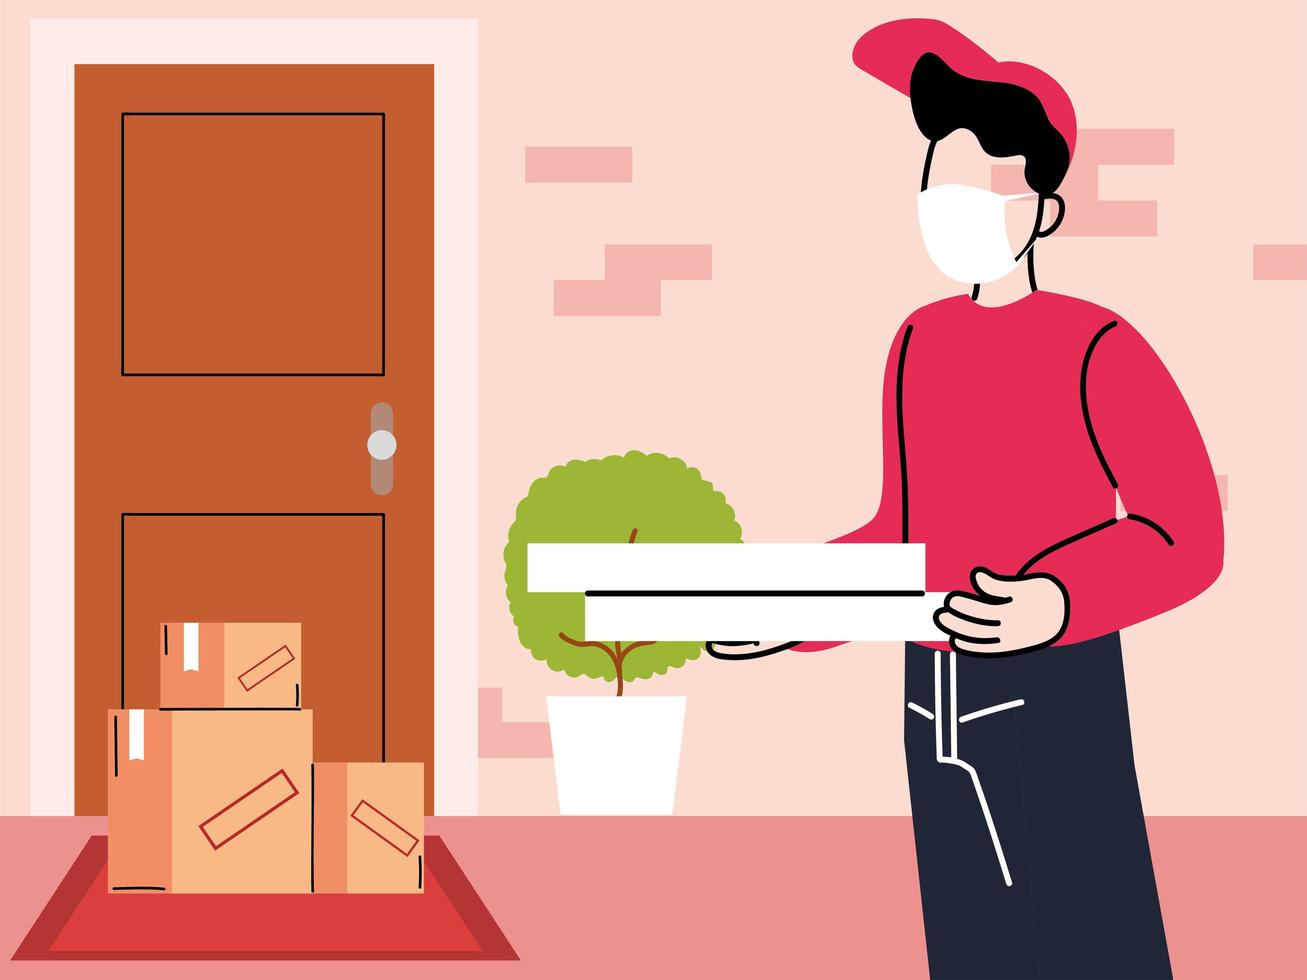 courrier avec masque livre les marchandises à la porte vecteur